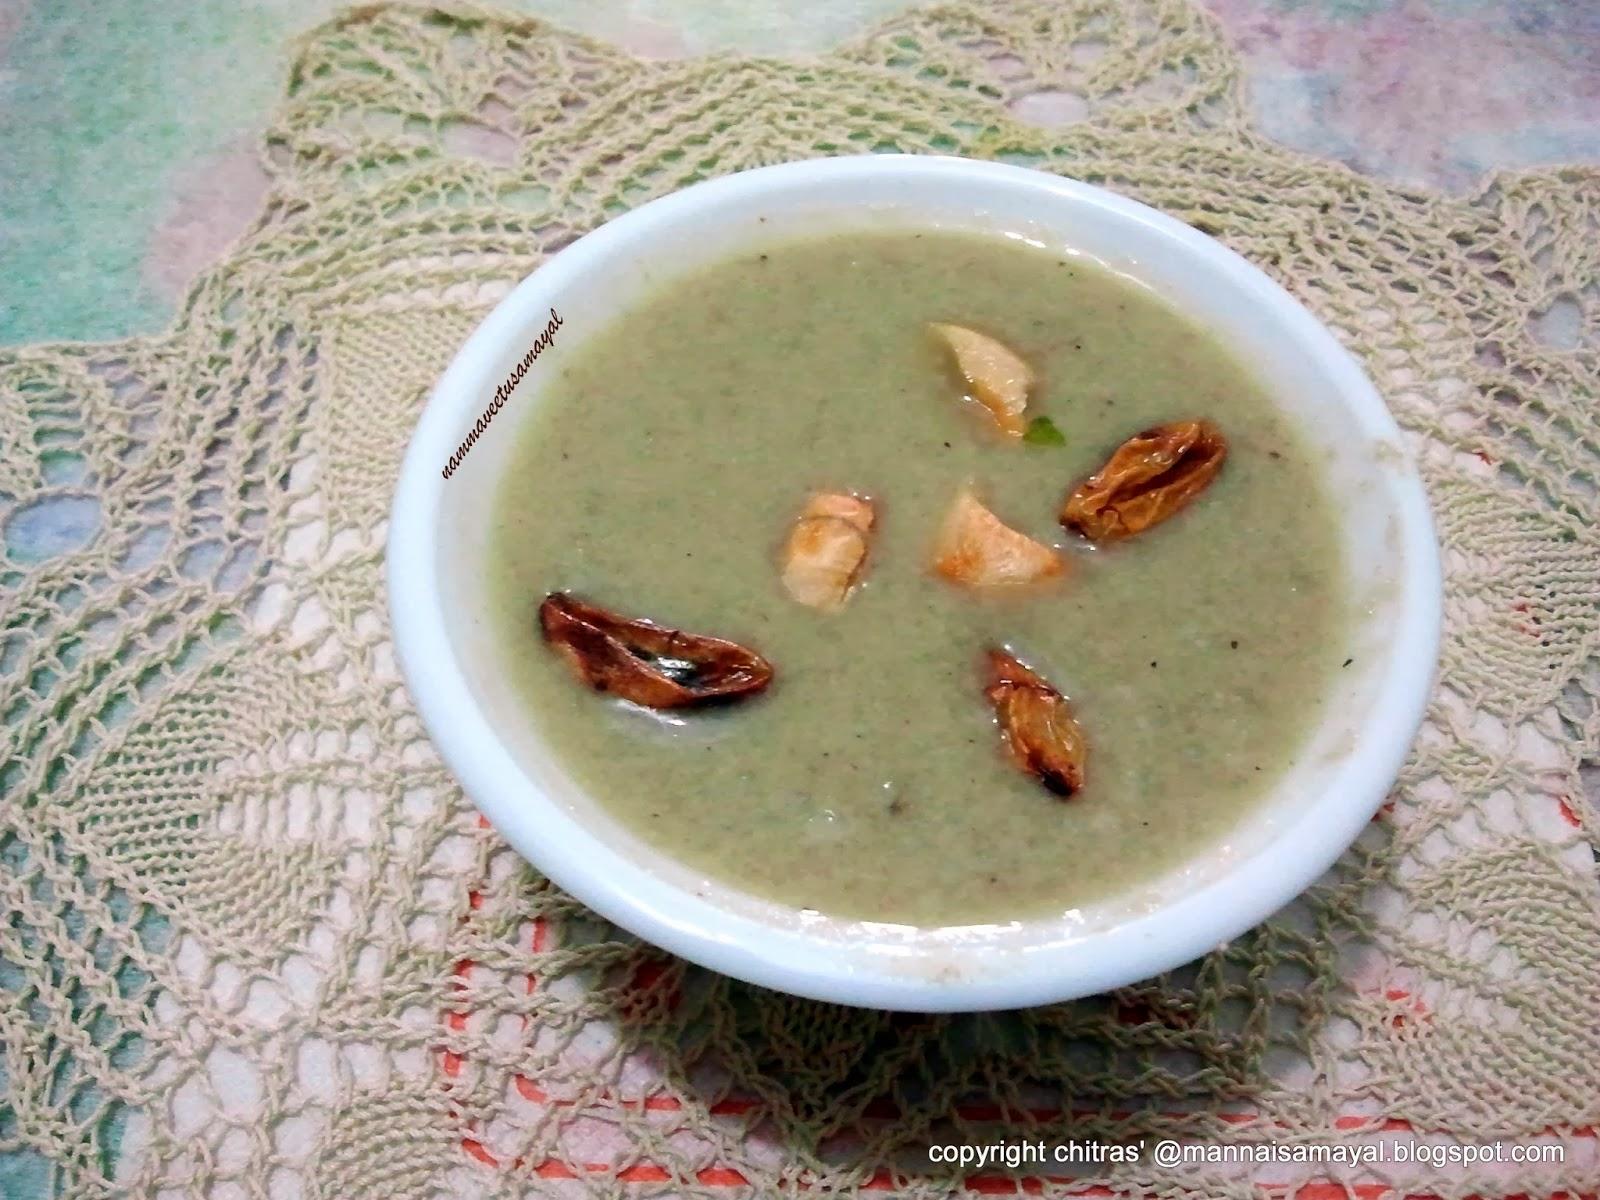 Varagarisi Thaengai Payasam [ Kodo millet Coconut Payasam ]